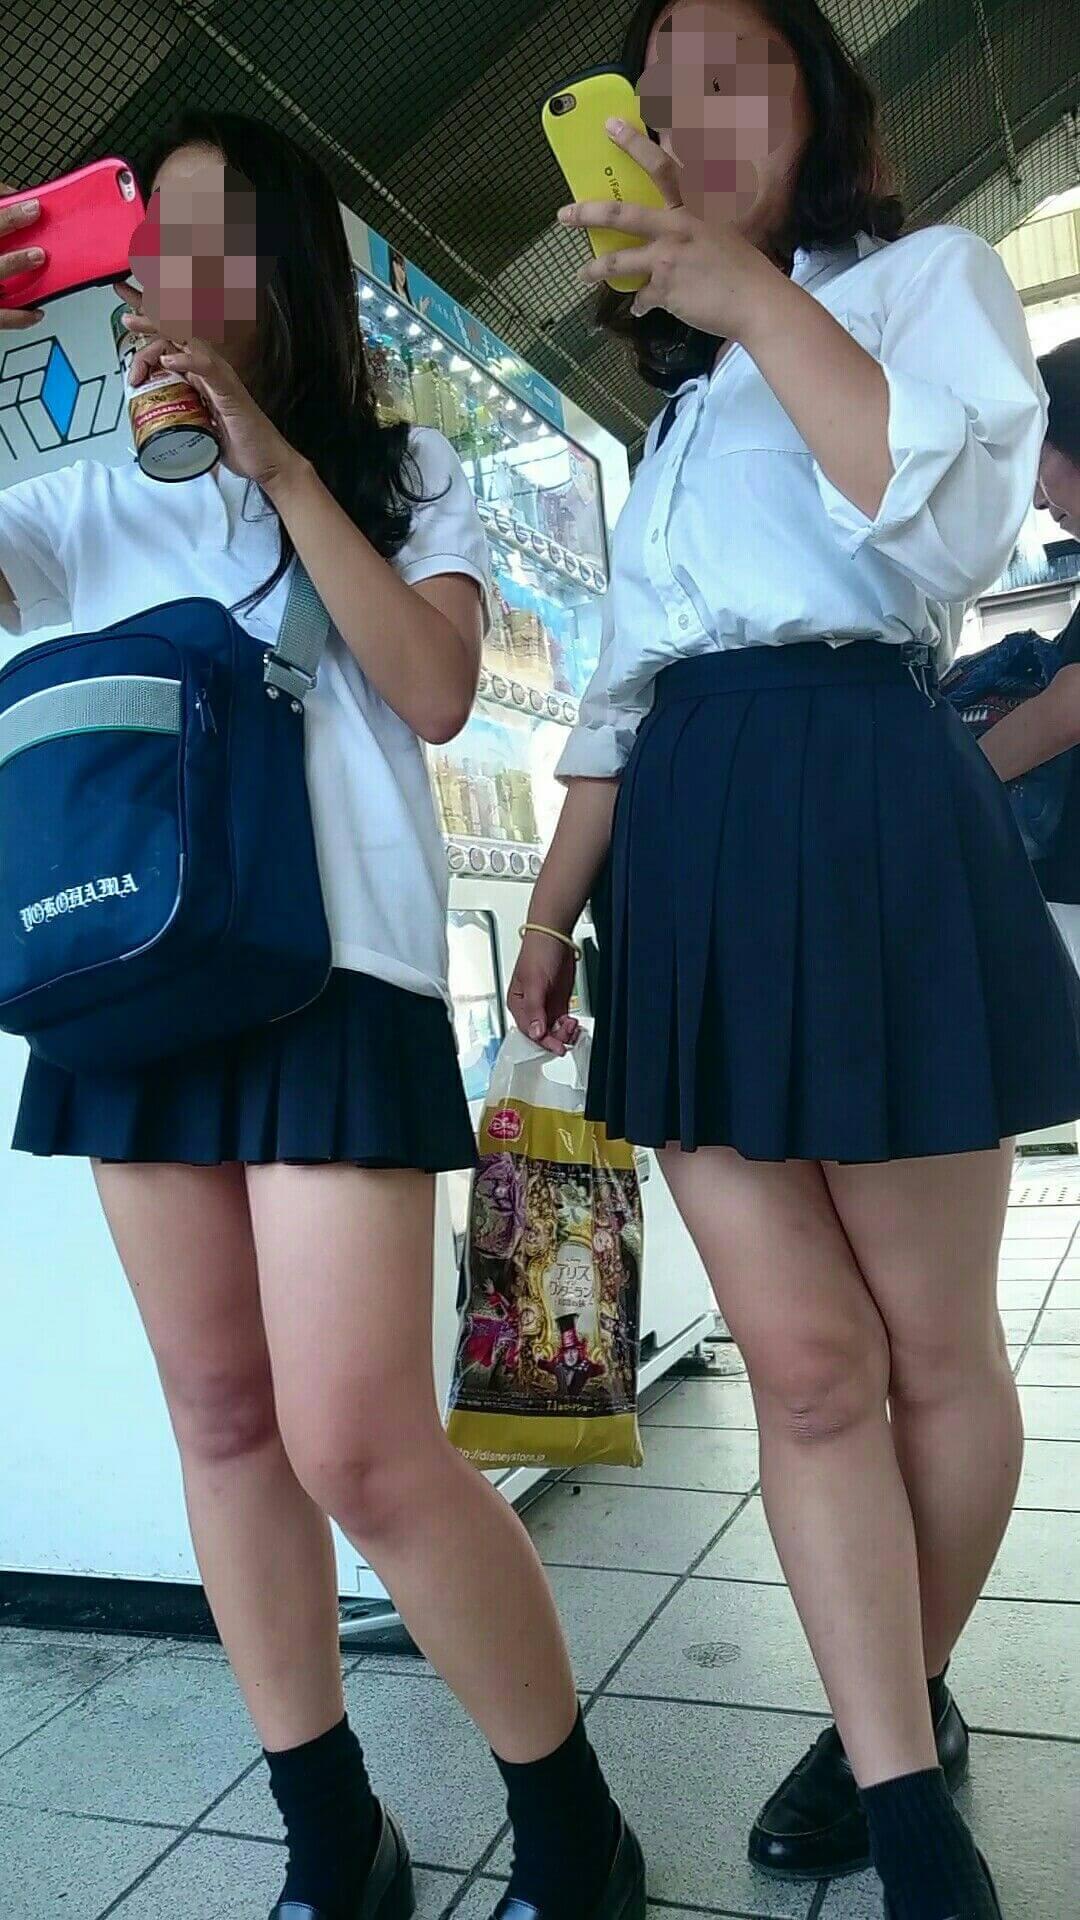 【画像】汗がしみ込んだ女子高生のYシャツをチューチューしたいwww